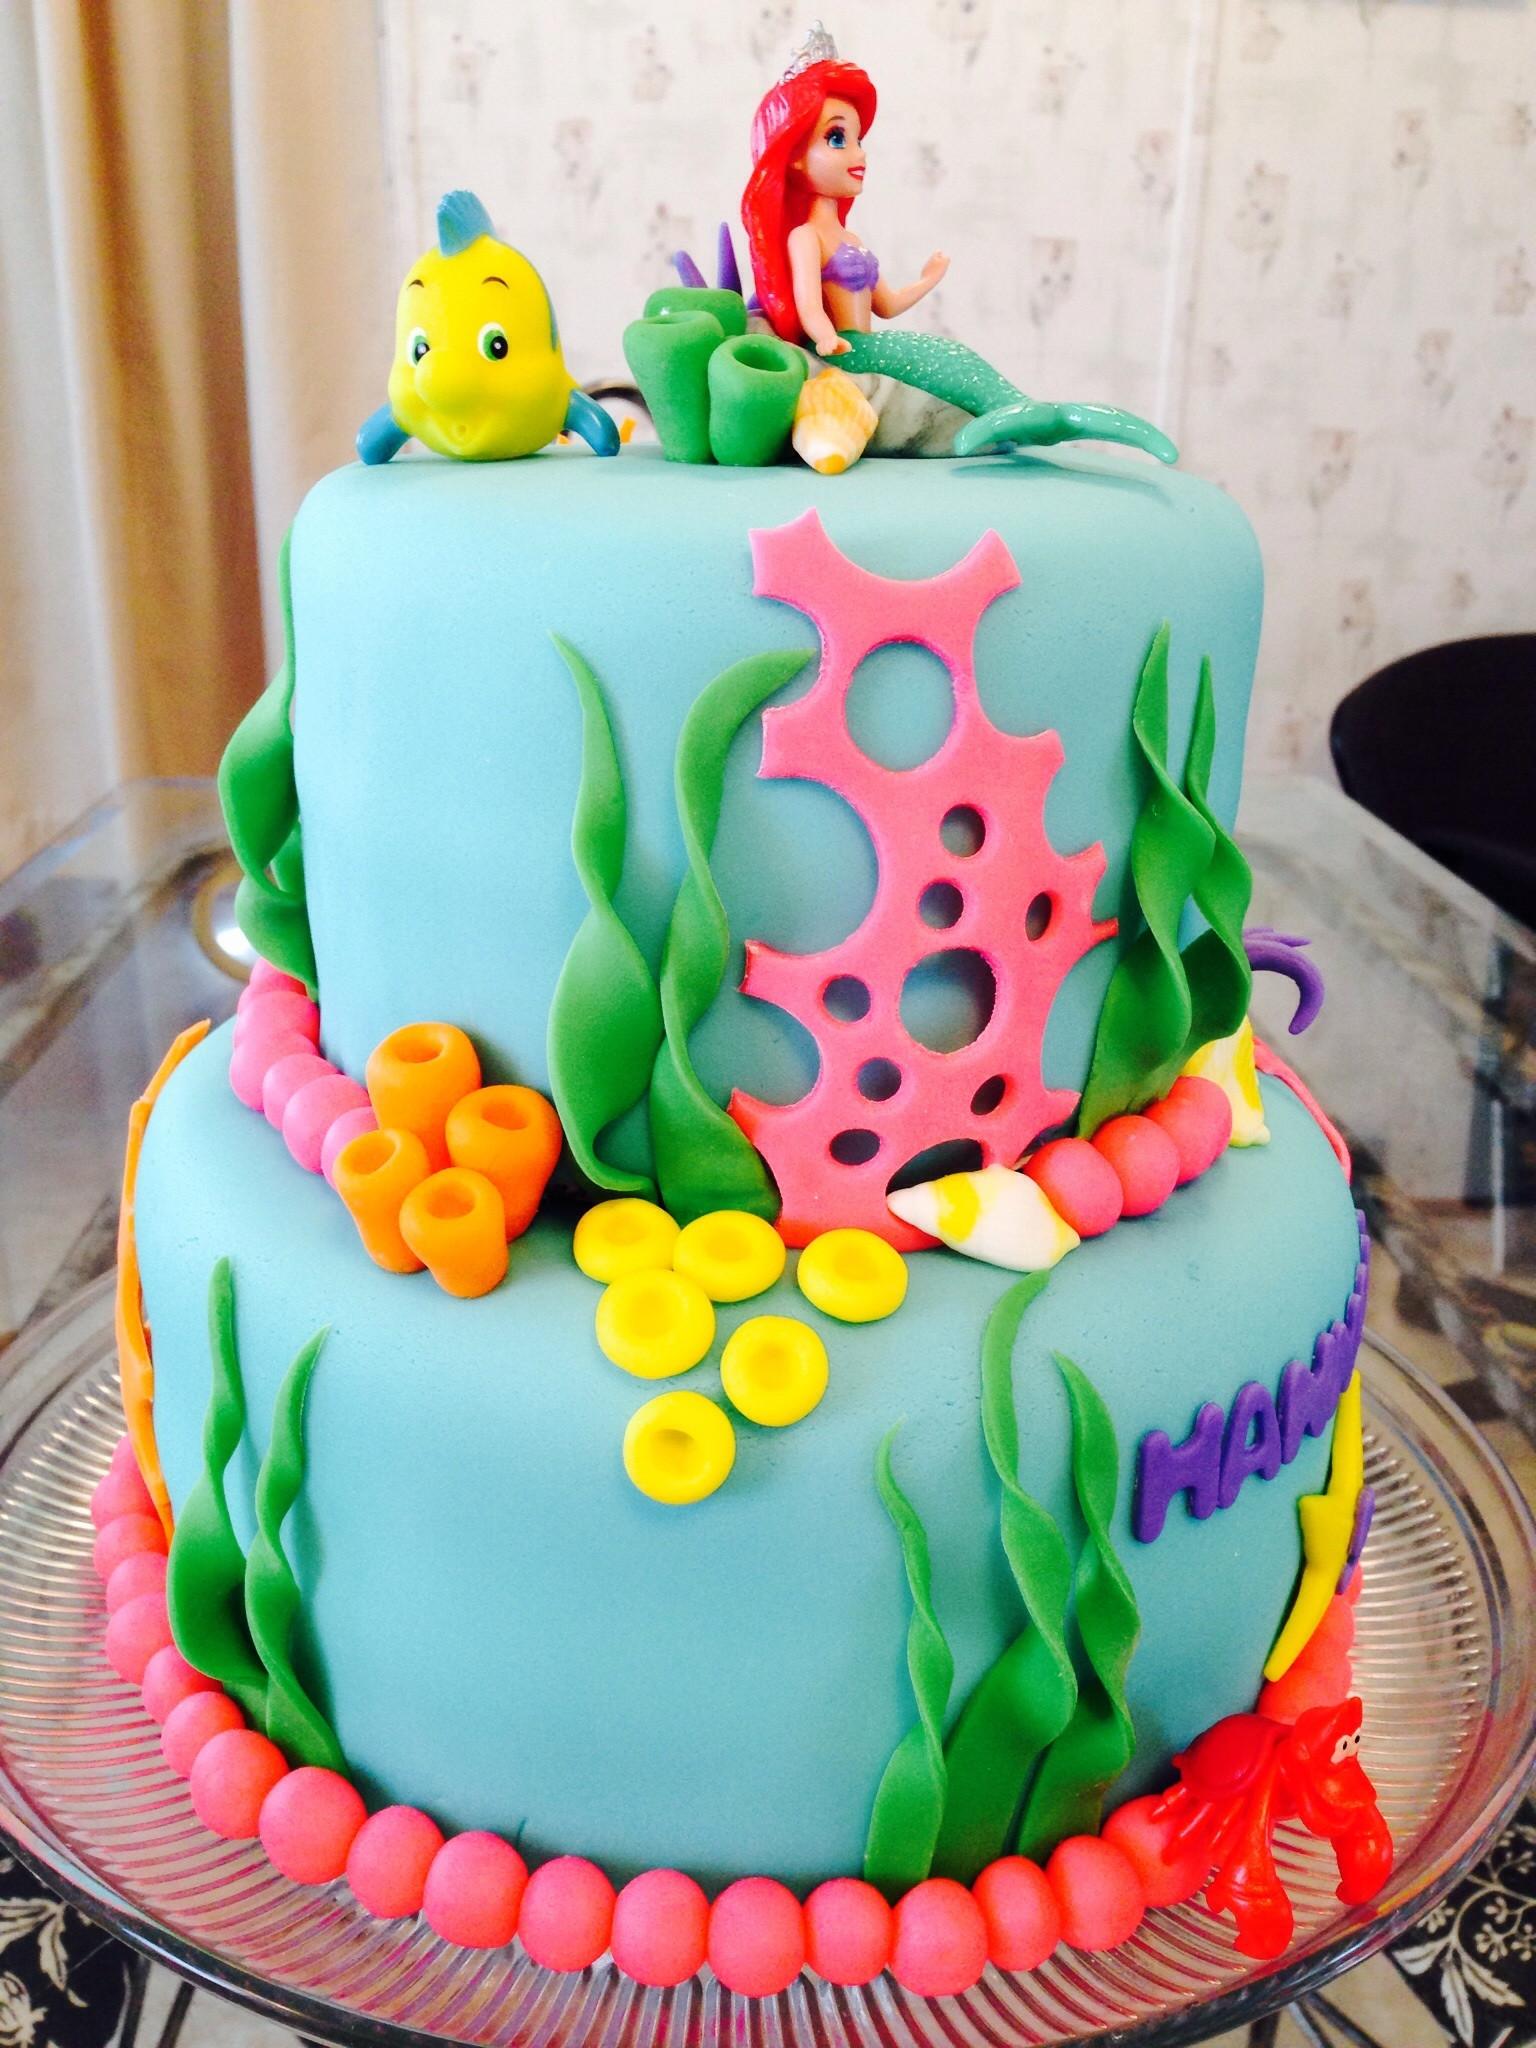 Little Mermaid Birthday Cake  Little Mermaid Cake CakeCentral